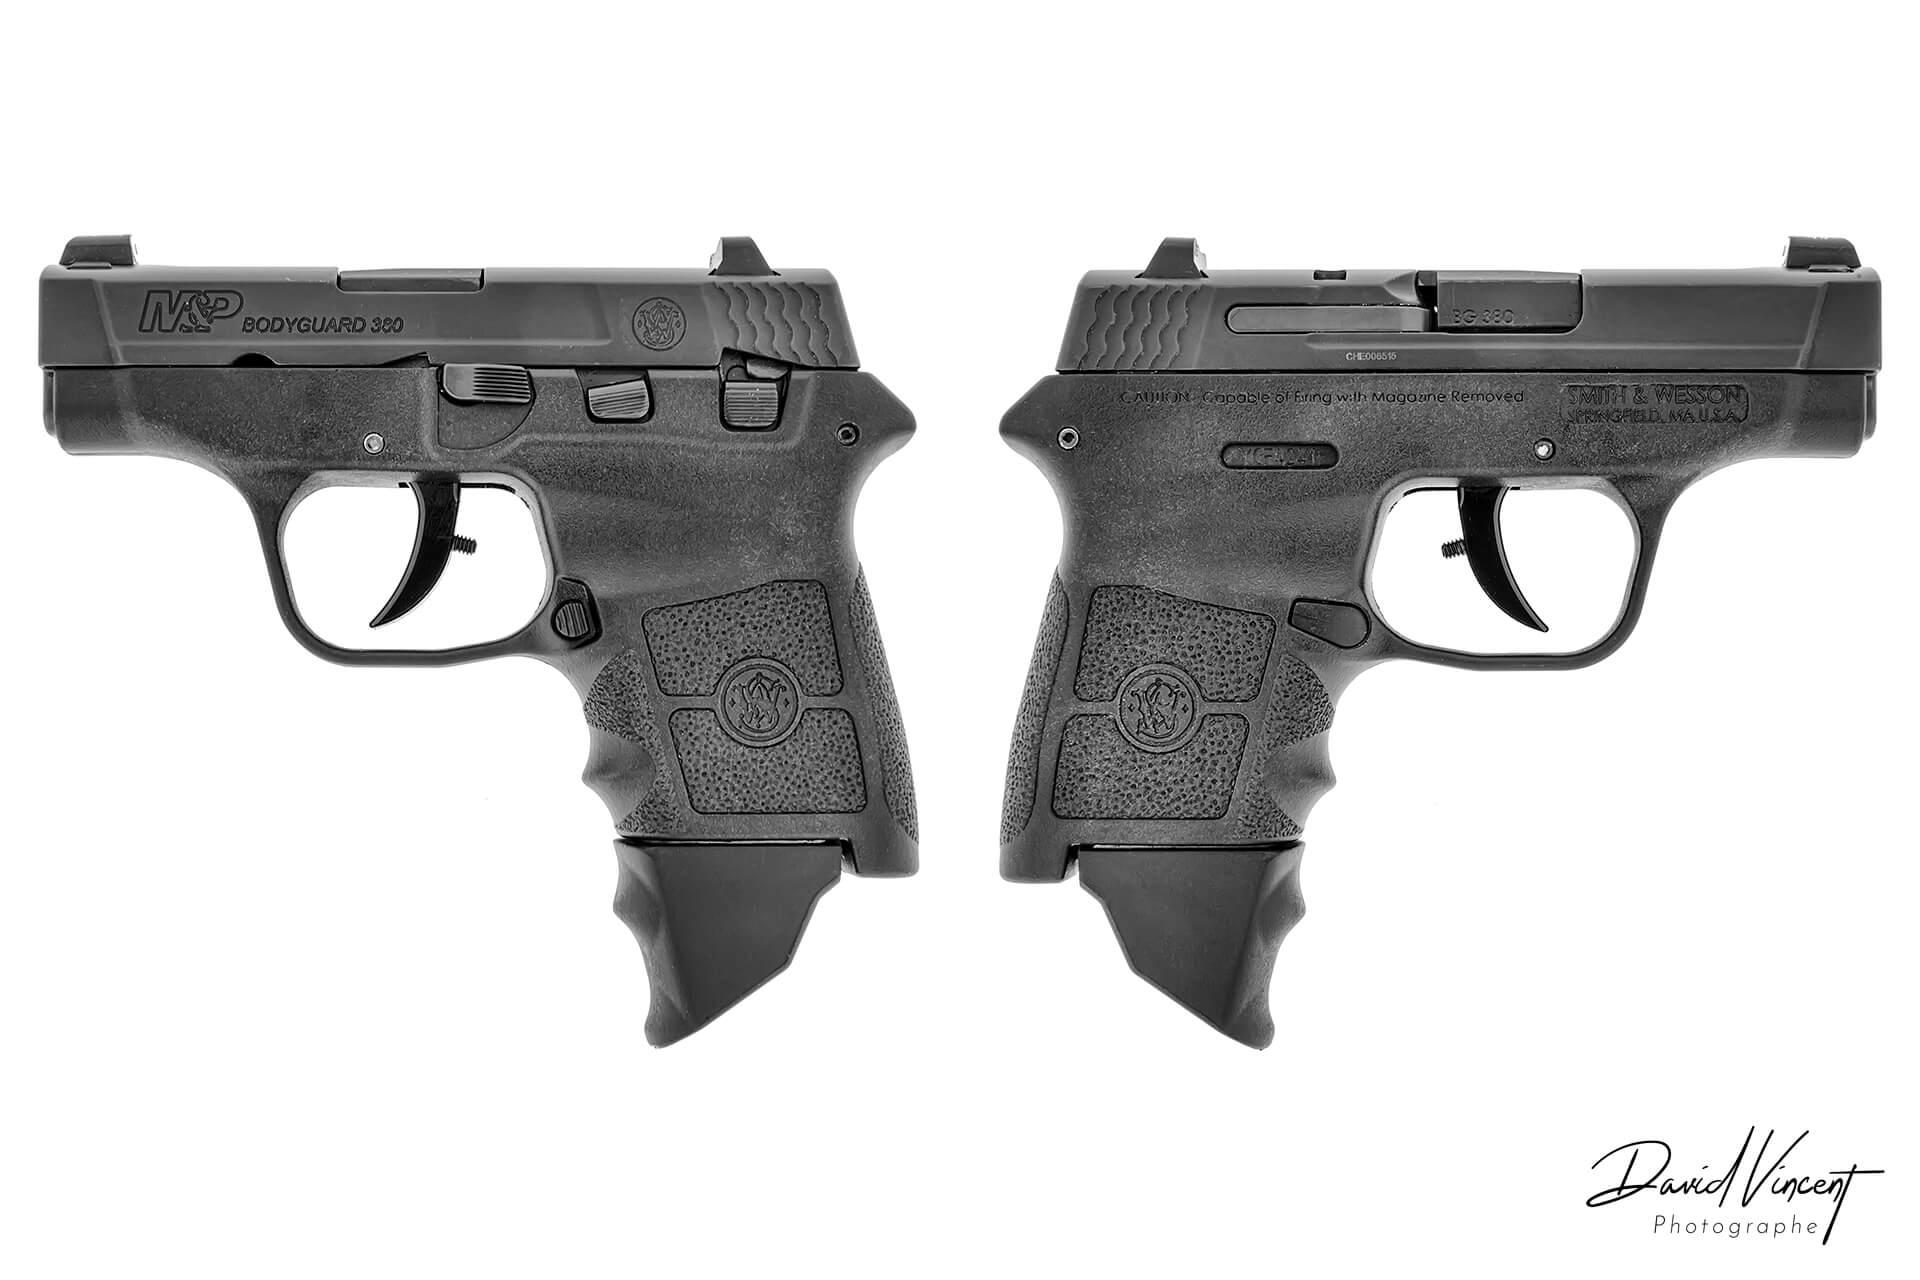 S&W M&P Bodyguard 380 - Photographe d'armes à feu